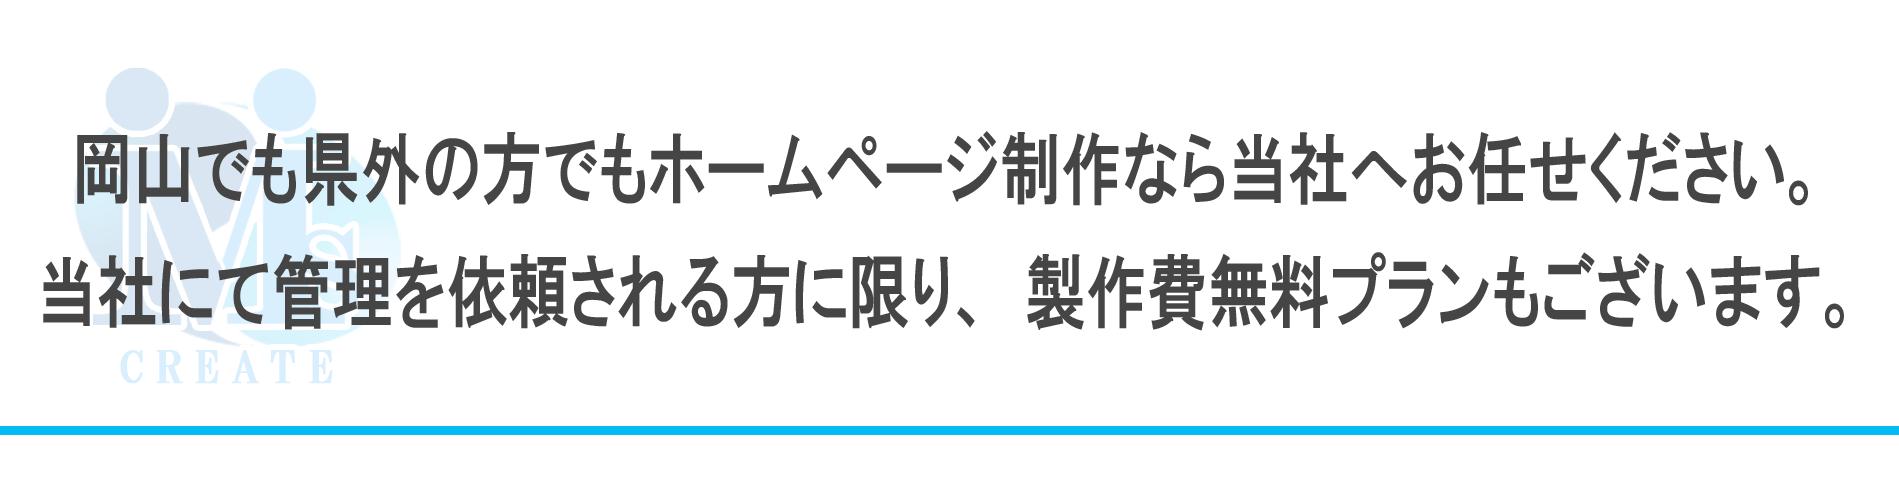 岡山ホームページ制作会社エムズクリエイト